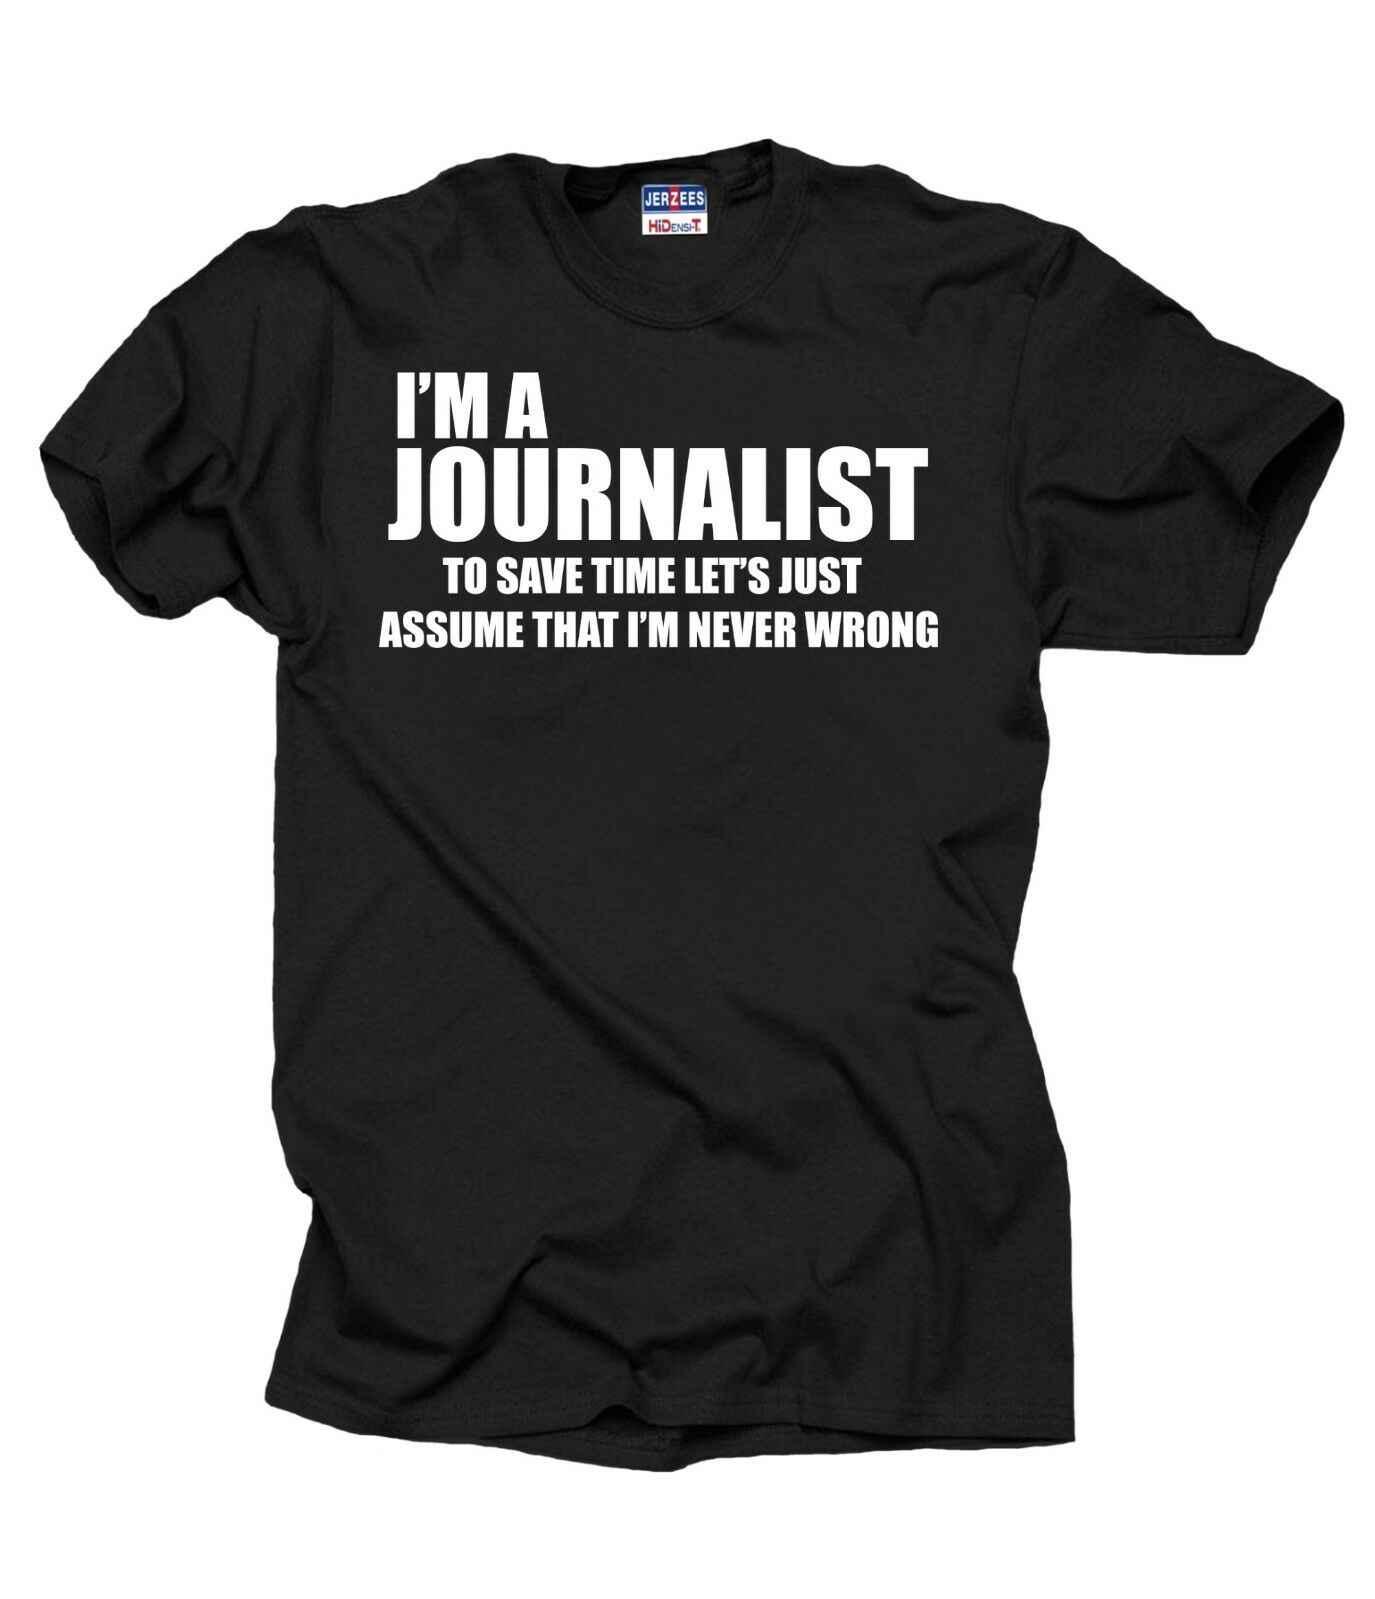 T-shirt Engraçado camiseta Presente para o Jornalista Jornalista jornalista Jornalismo Tee